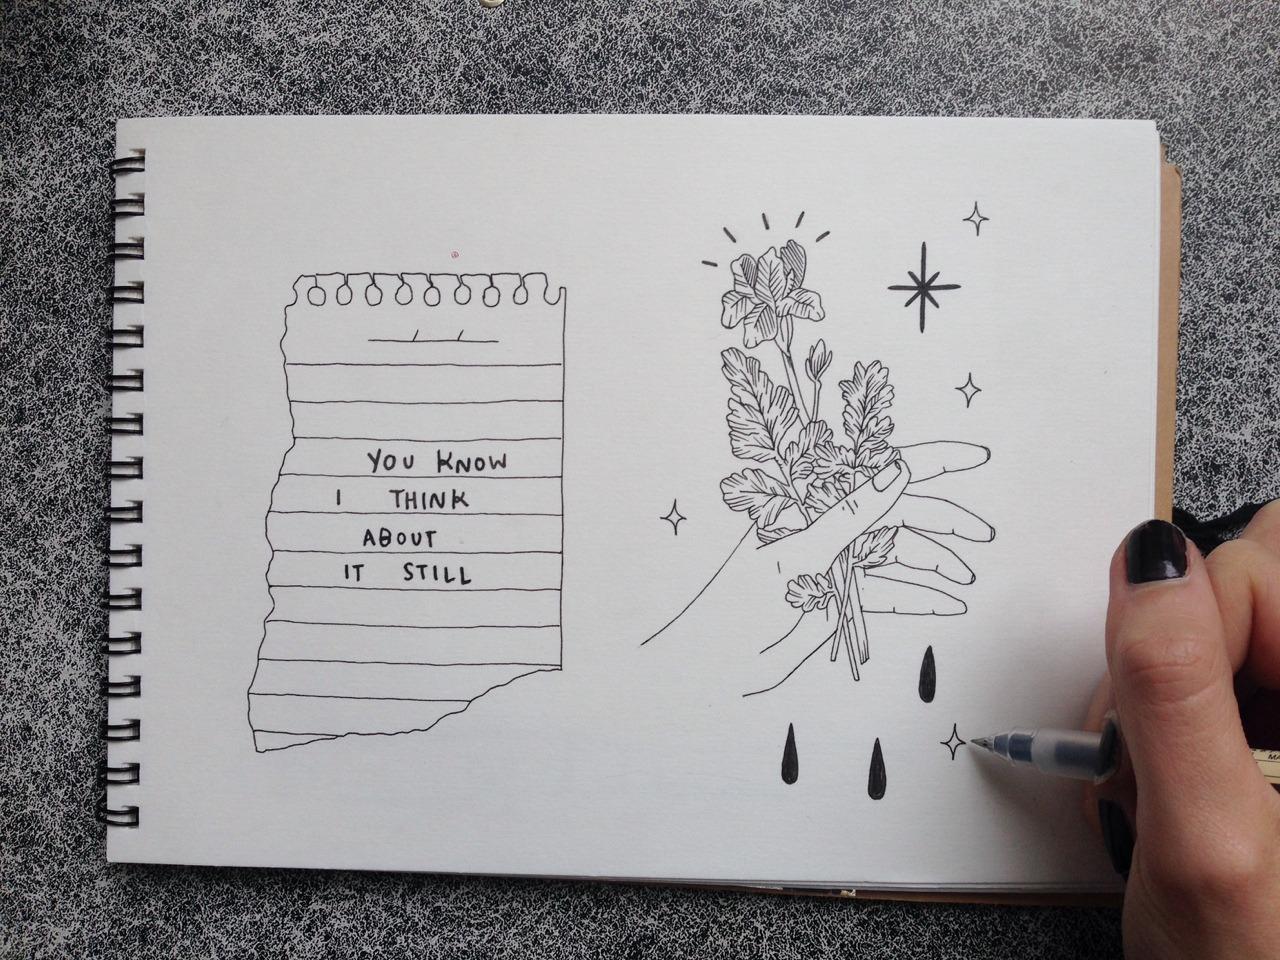 картинка черной ручкой последняя моя весна треть